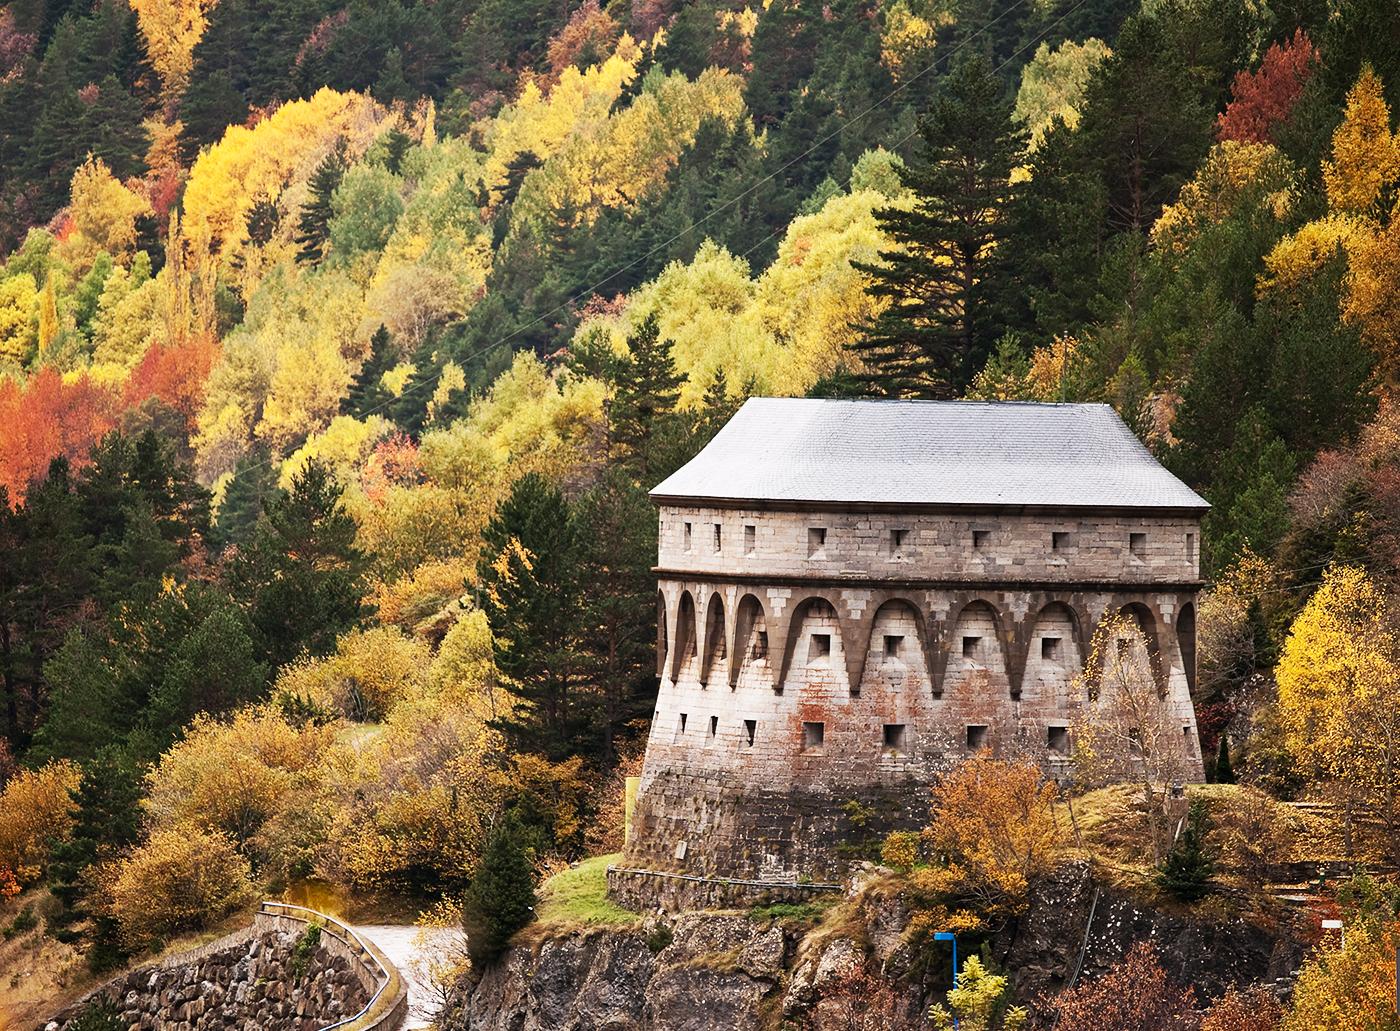 ¡Nueva App Huesca La Magia de realidad virtual! 👏 Disfruta de la magia desde tu casa